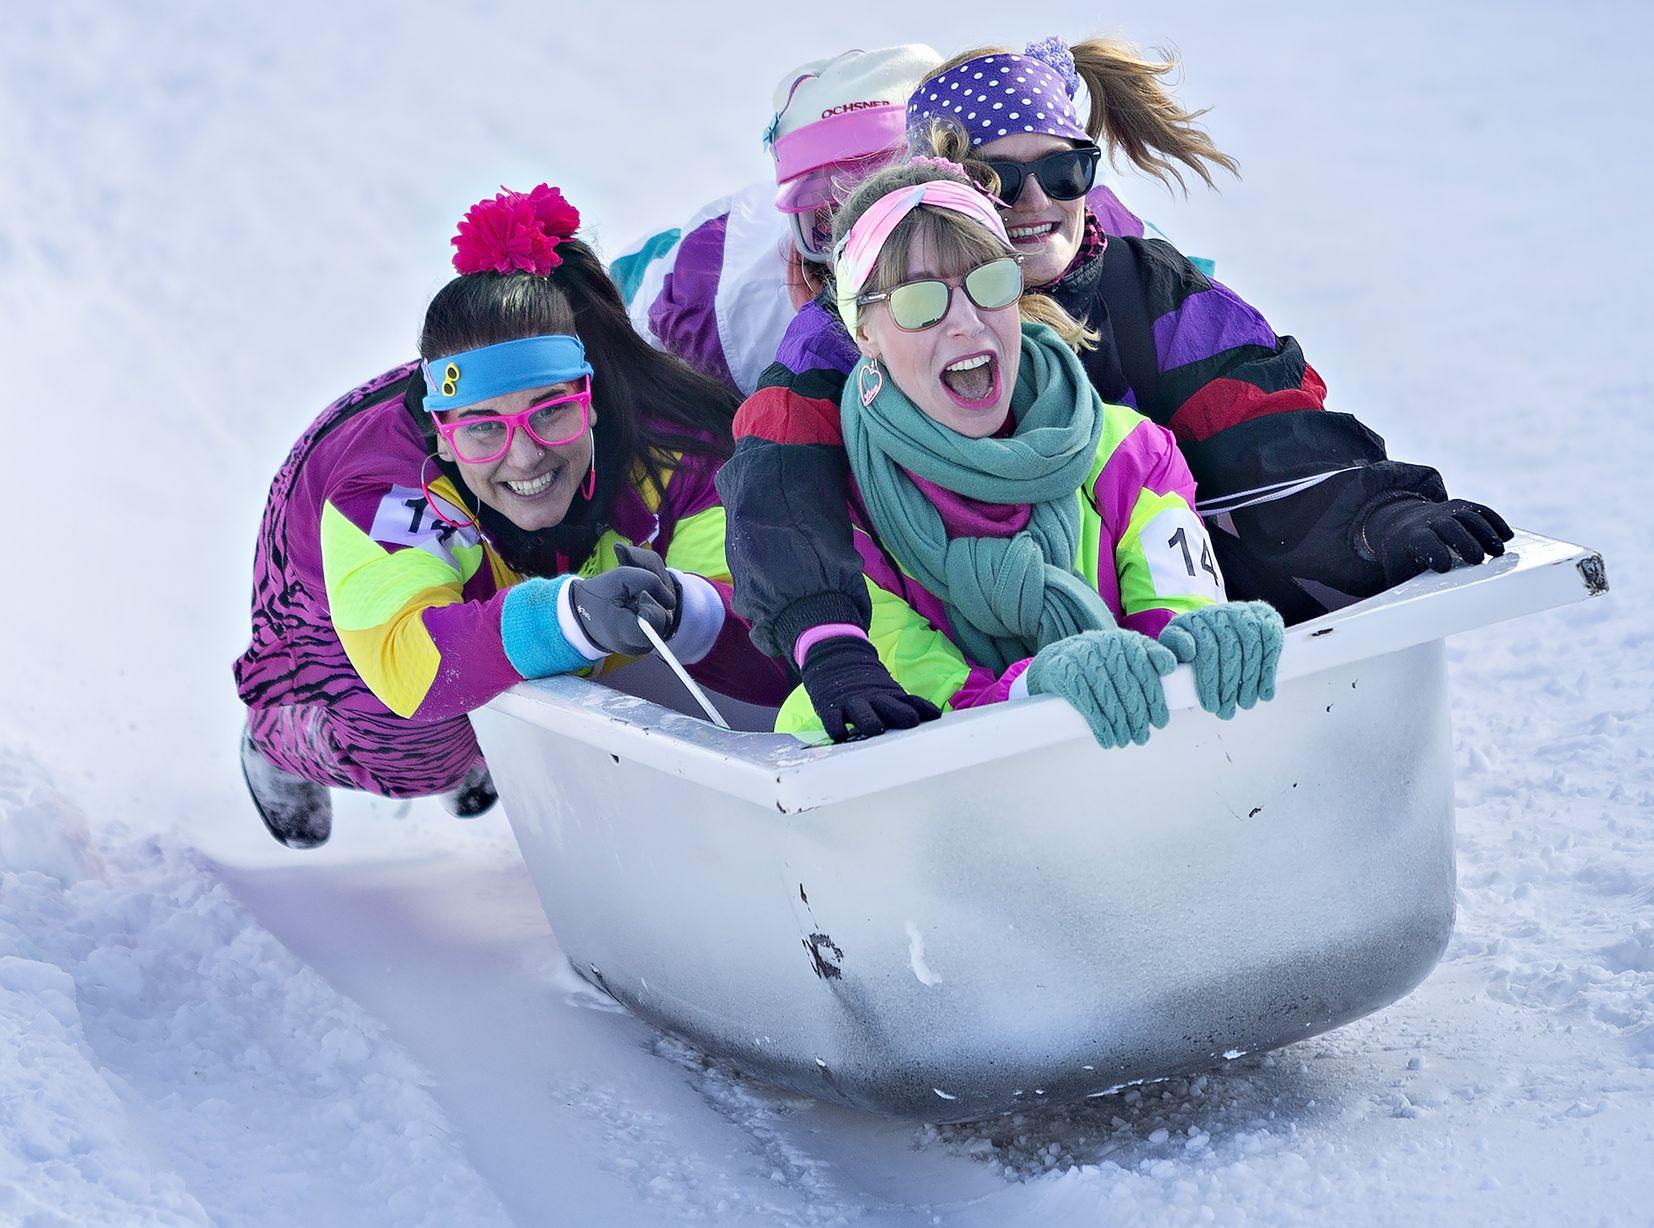 參賽者奇裝異服,蜷縮在被當作滑雪工具的浴缸內進行比賽。新華社圖片